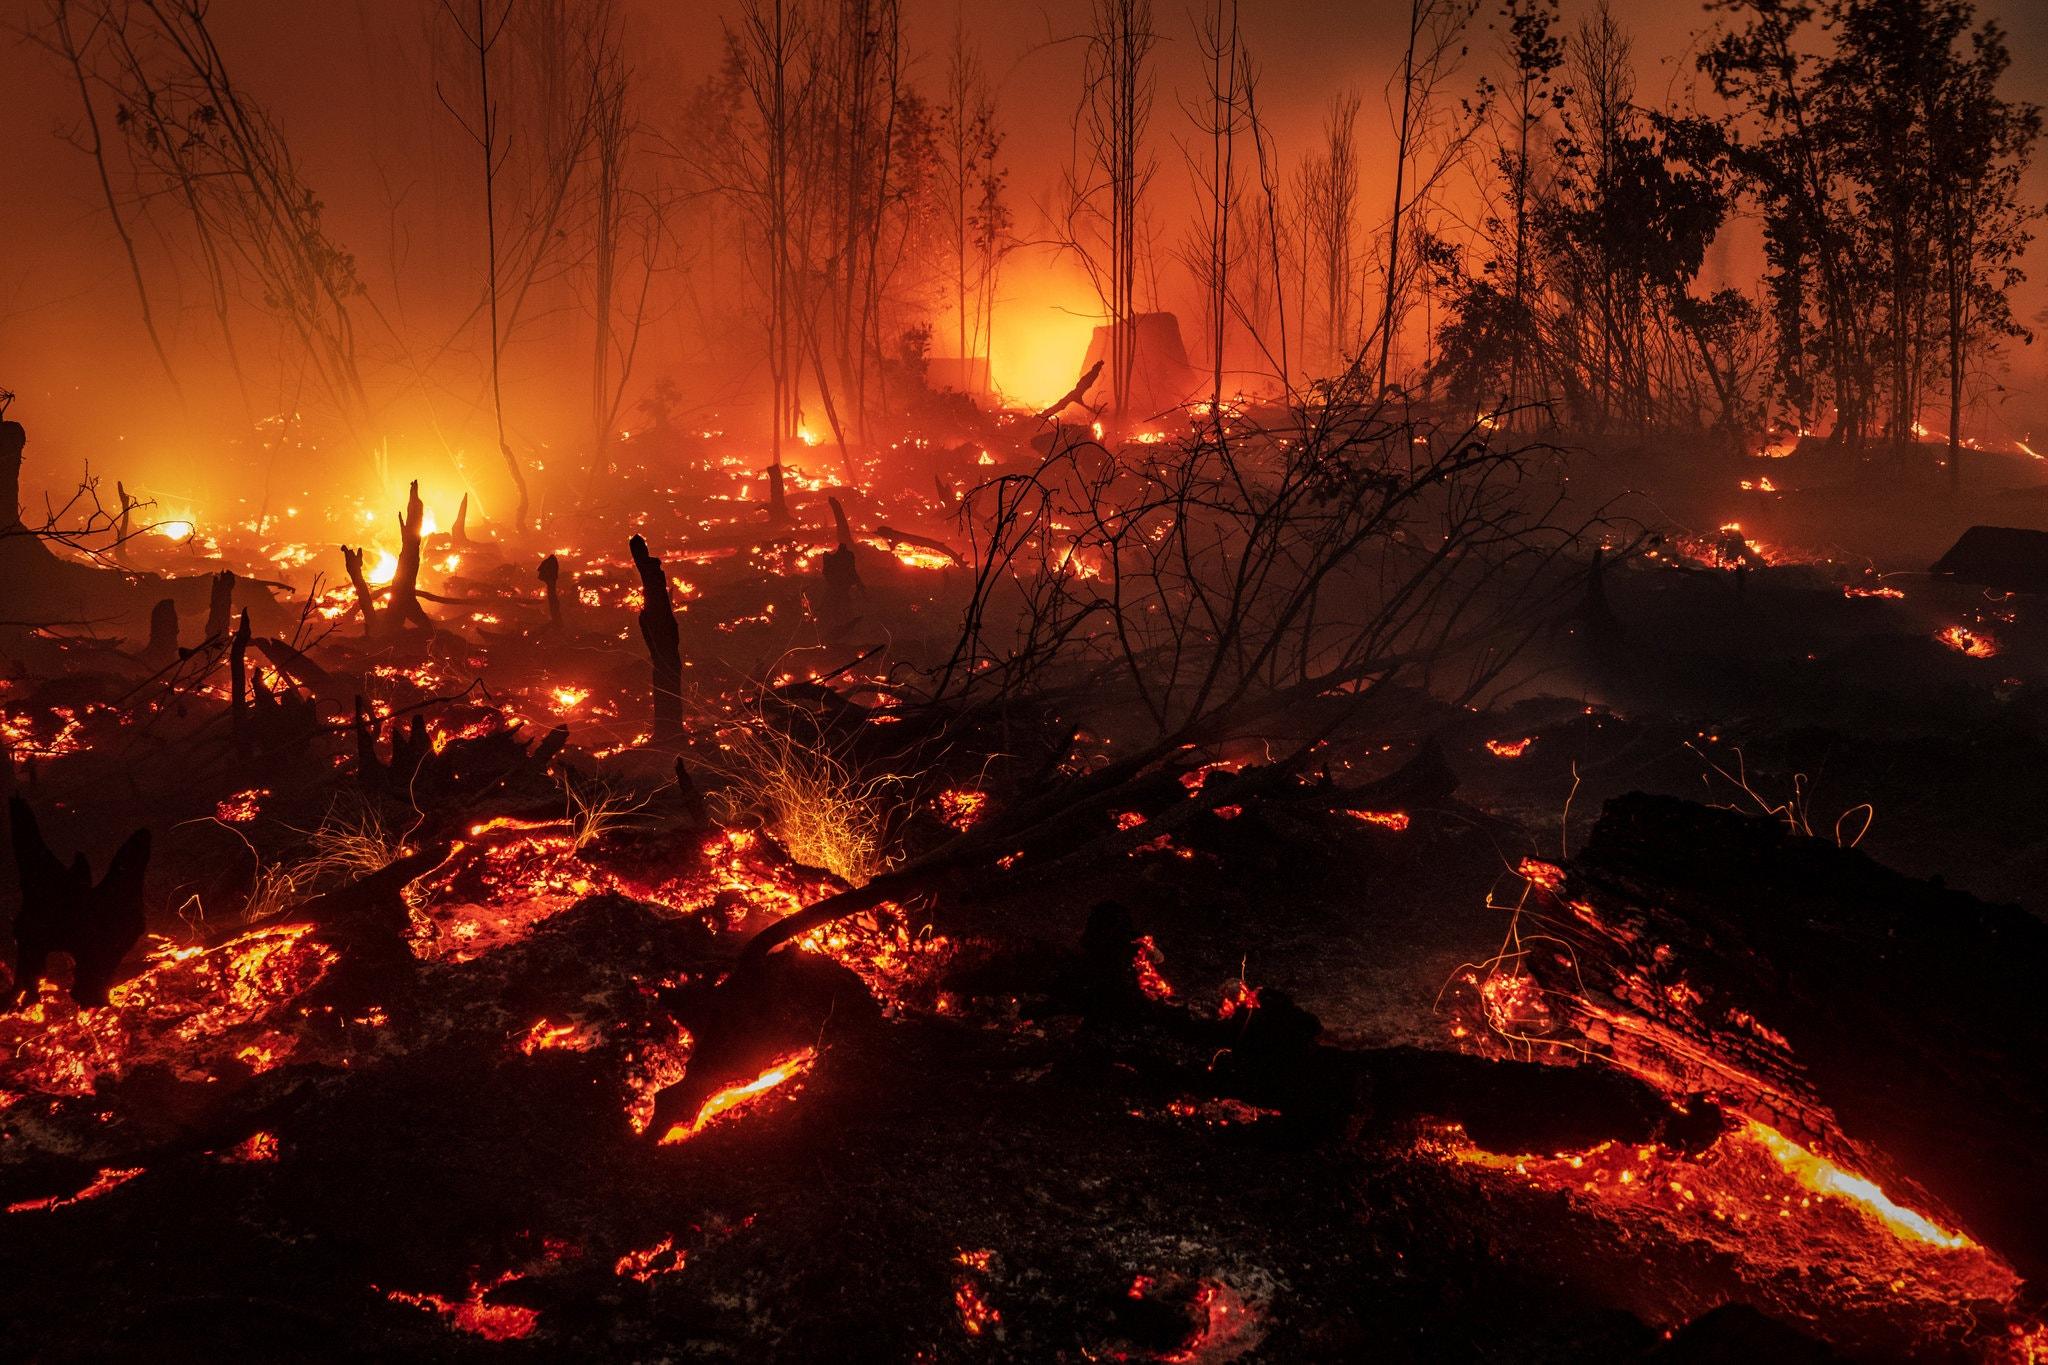 incendios, Indonesia, forestales, medio ambiente